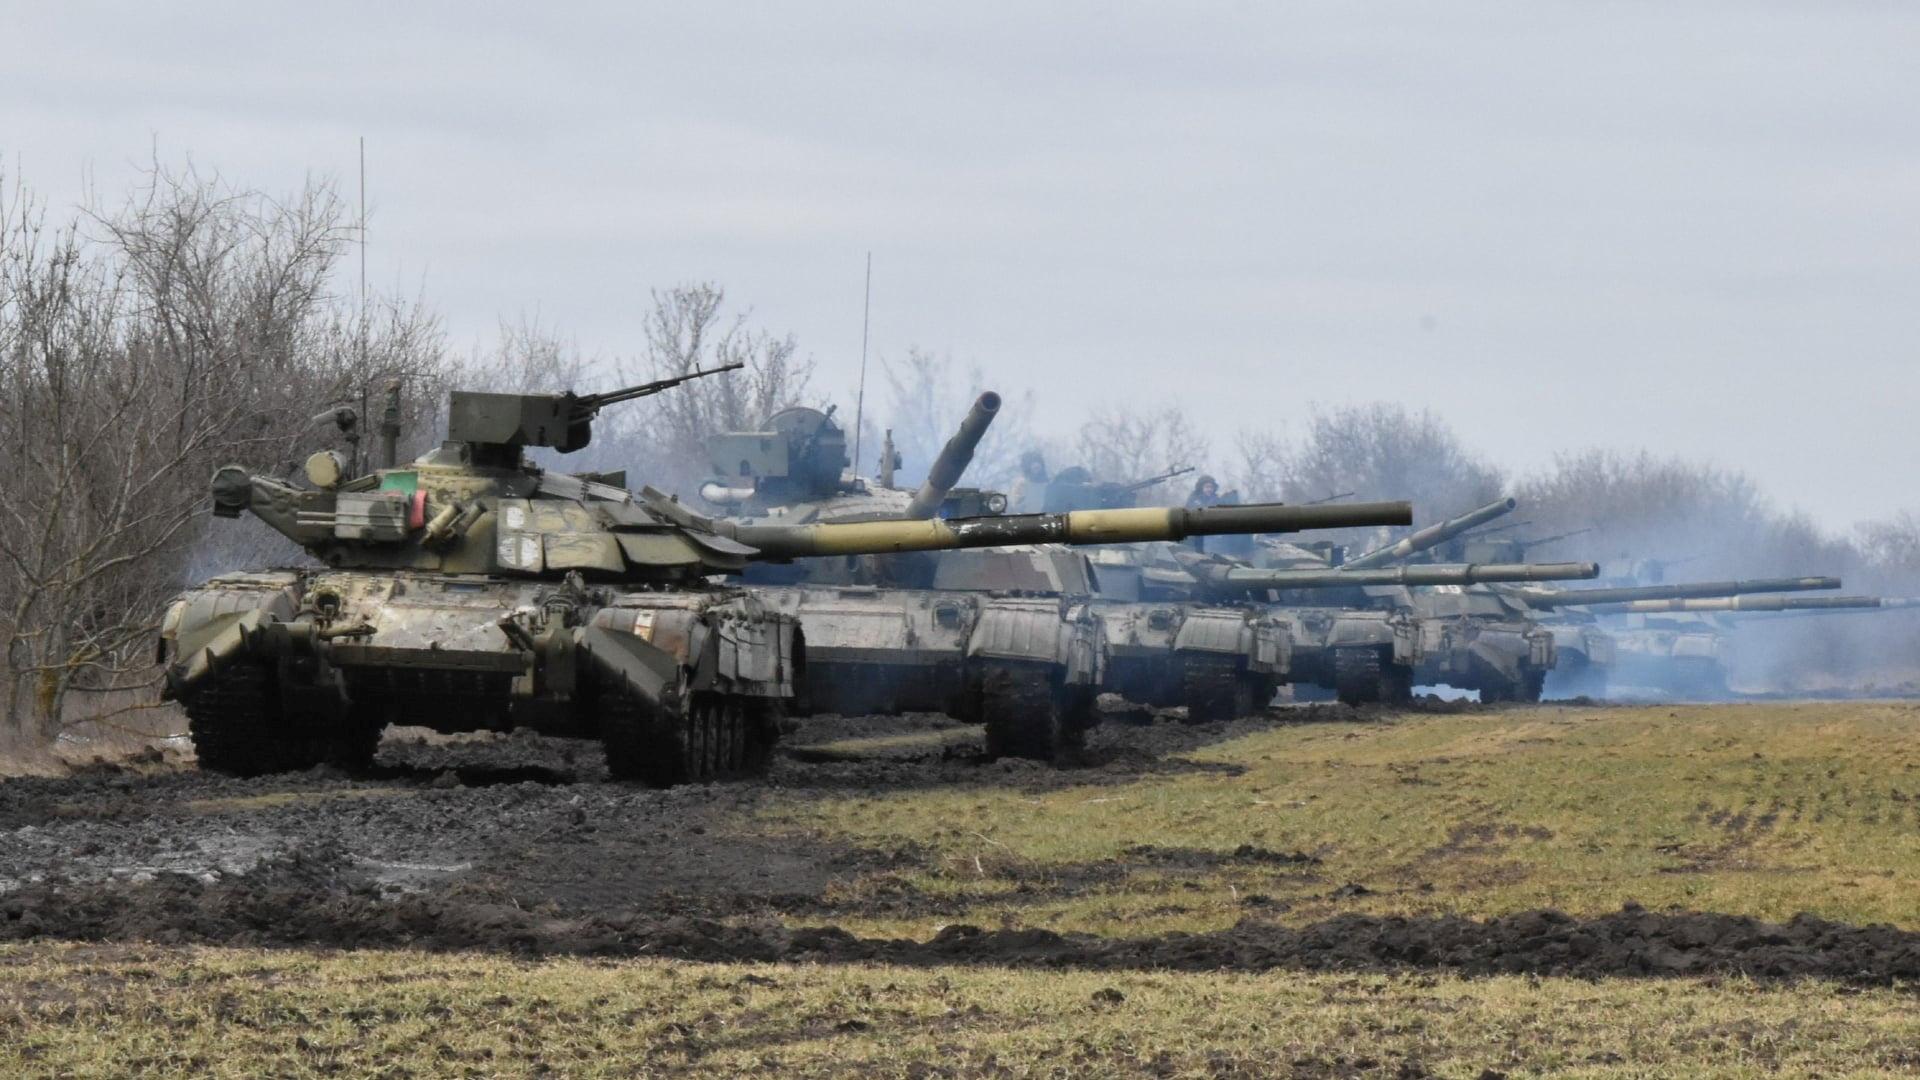 Ε.Ε: Πολύ επικίνδυνη η κατάσταση στα σύνορα Ρωσίας – Ουκρανίας